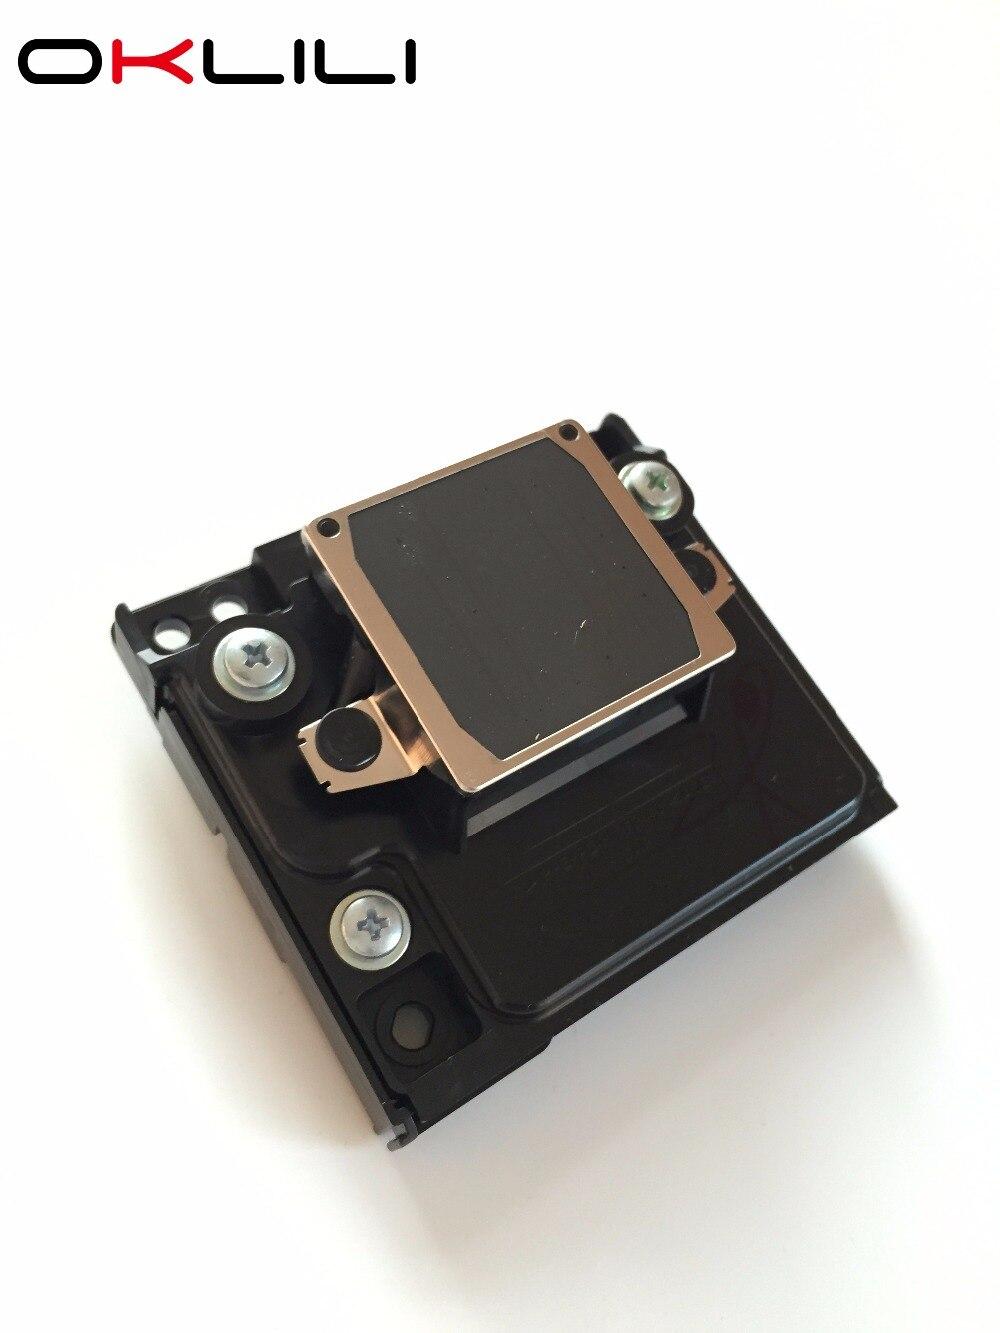 F155040 F182000 F168020 Printhead for Epson R250 RX430 RX530 Photo20 CX3500 CX3650 CX5700 CX6900F CX4900 CX5900 CX9300F TX400